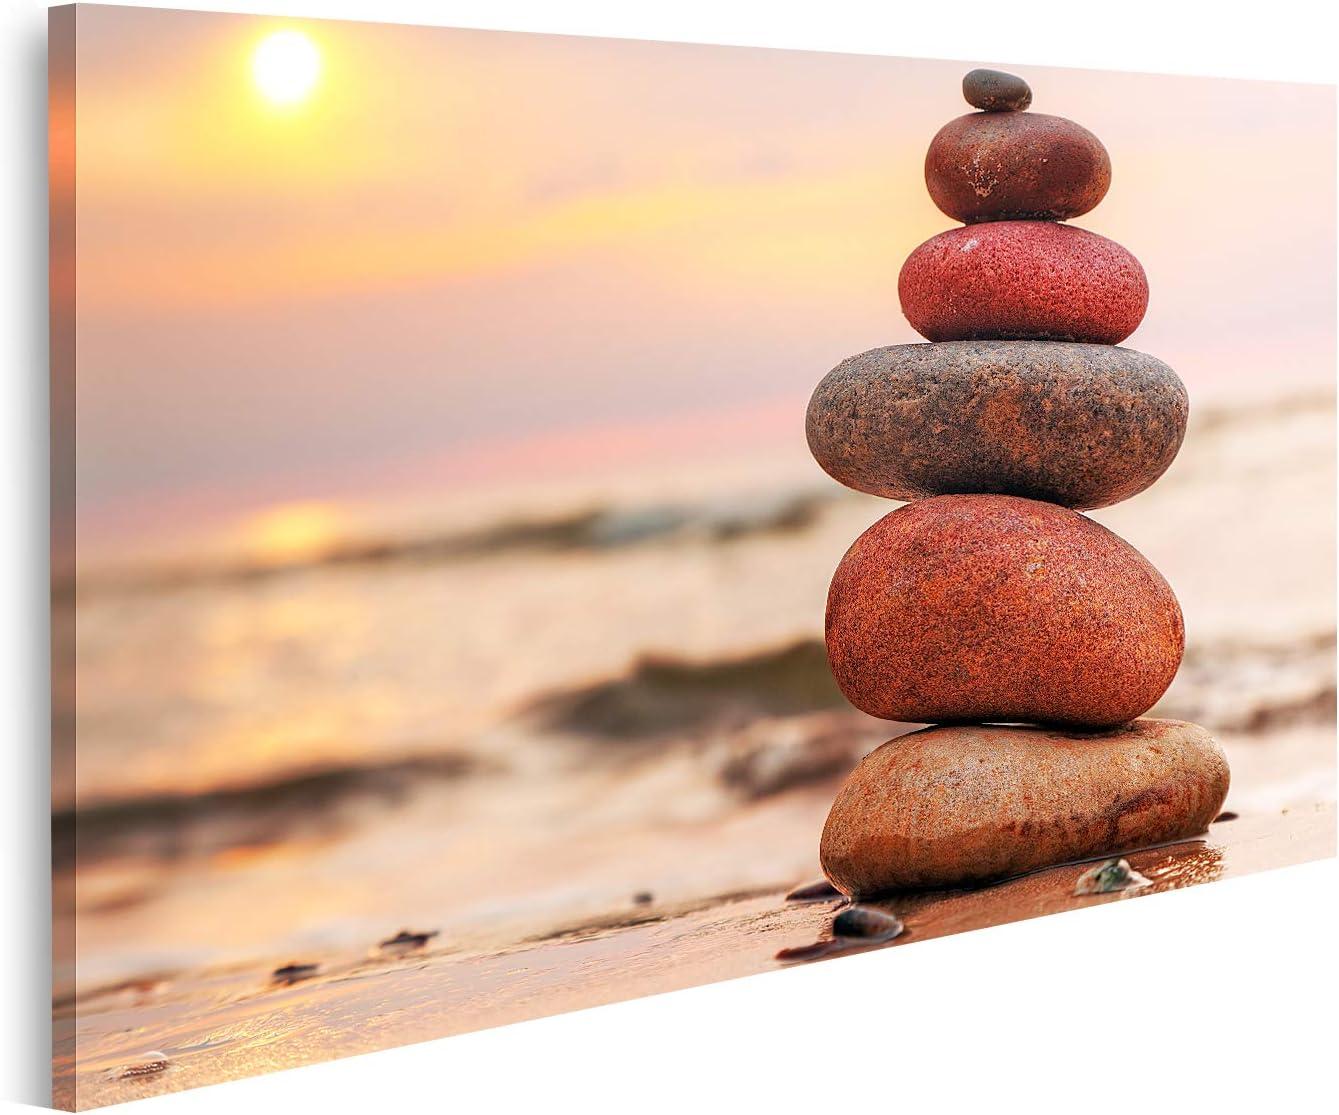 islandburner Cuadro en Lienzo Pirámide de Piedras sobre la Arena simboliza la armonía Zen balanceando el océano al Atardecer en el Fondo Cuadros Modernos Decoracion Impresión Salon